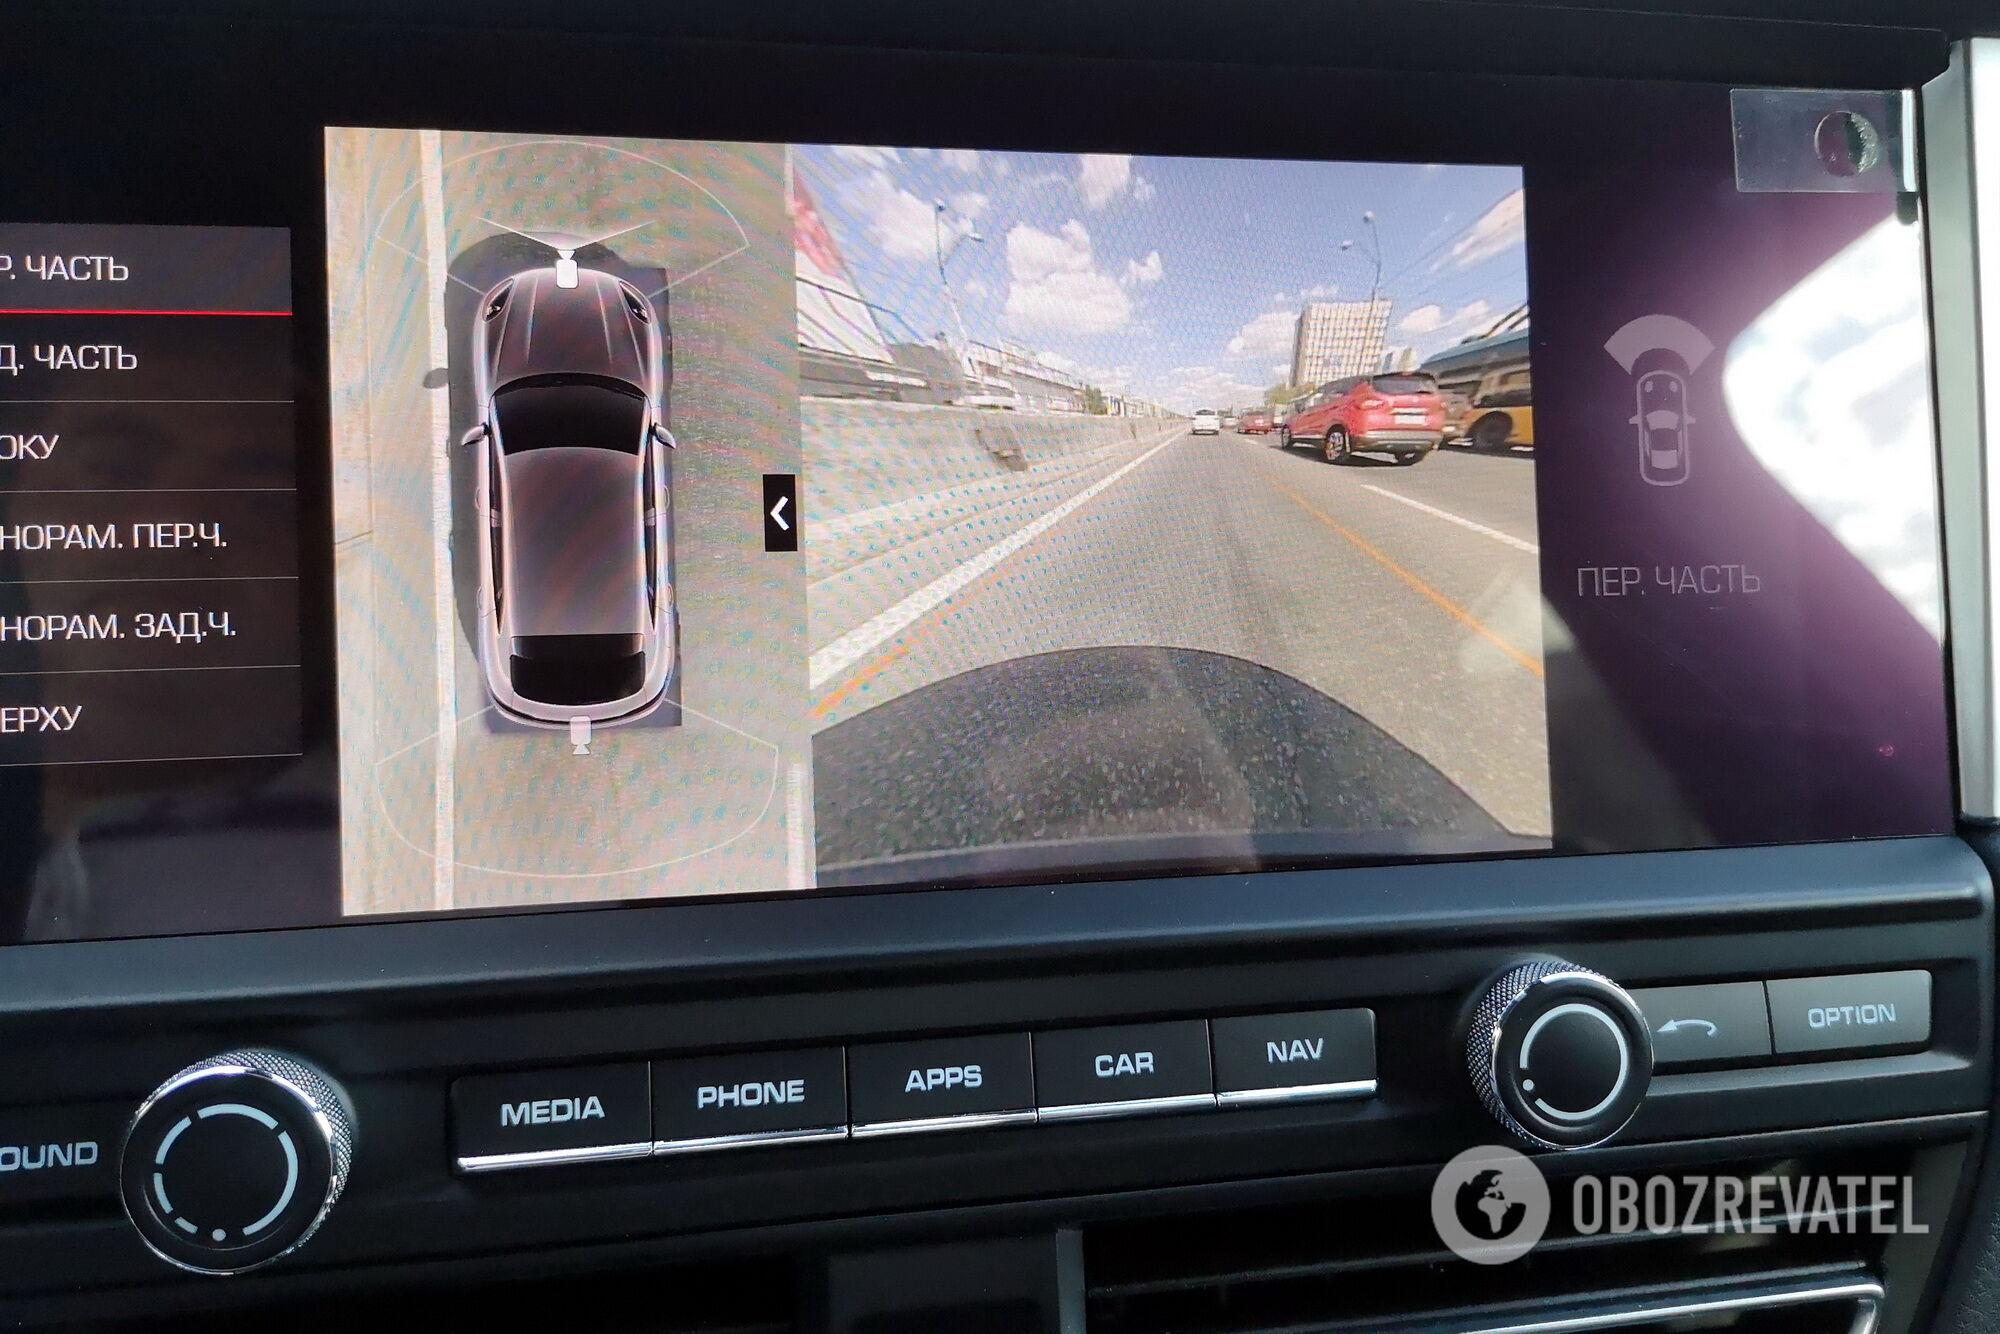 Камеры кругового обзора позволяют контролировать пространство вокруг автомобиля. Фото: